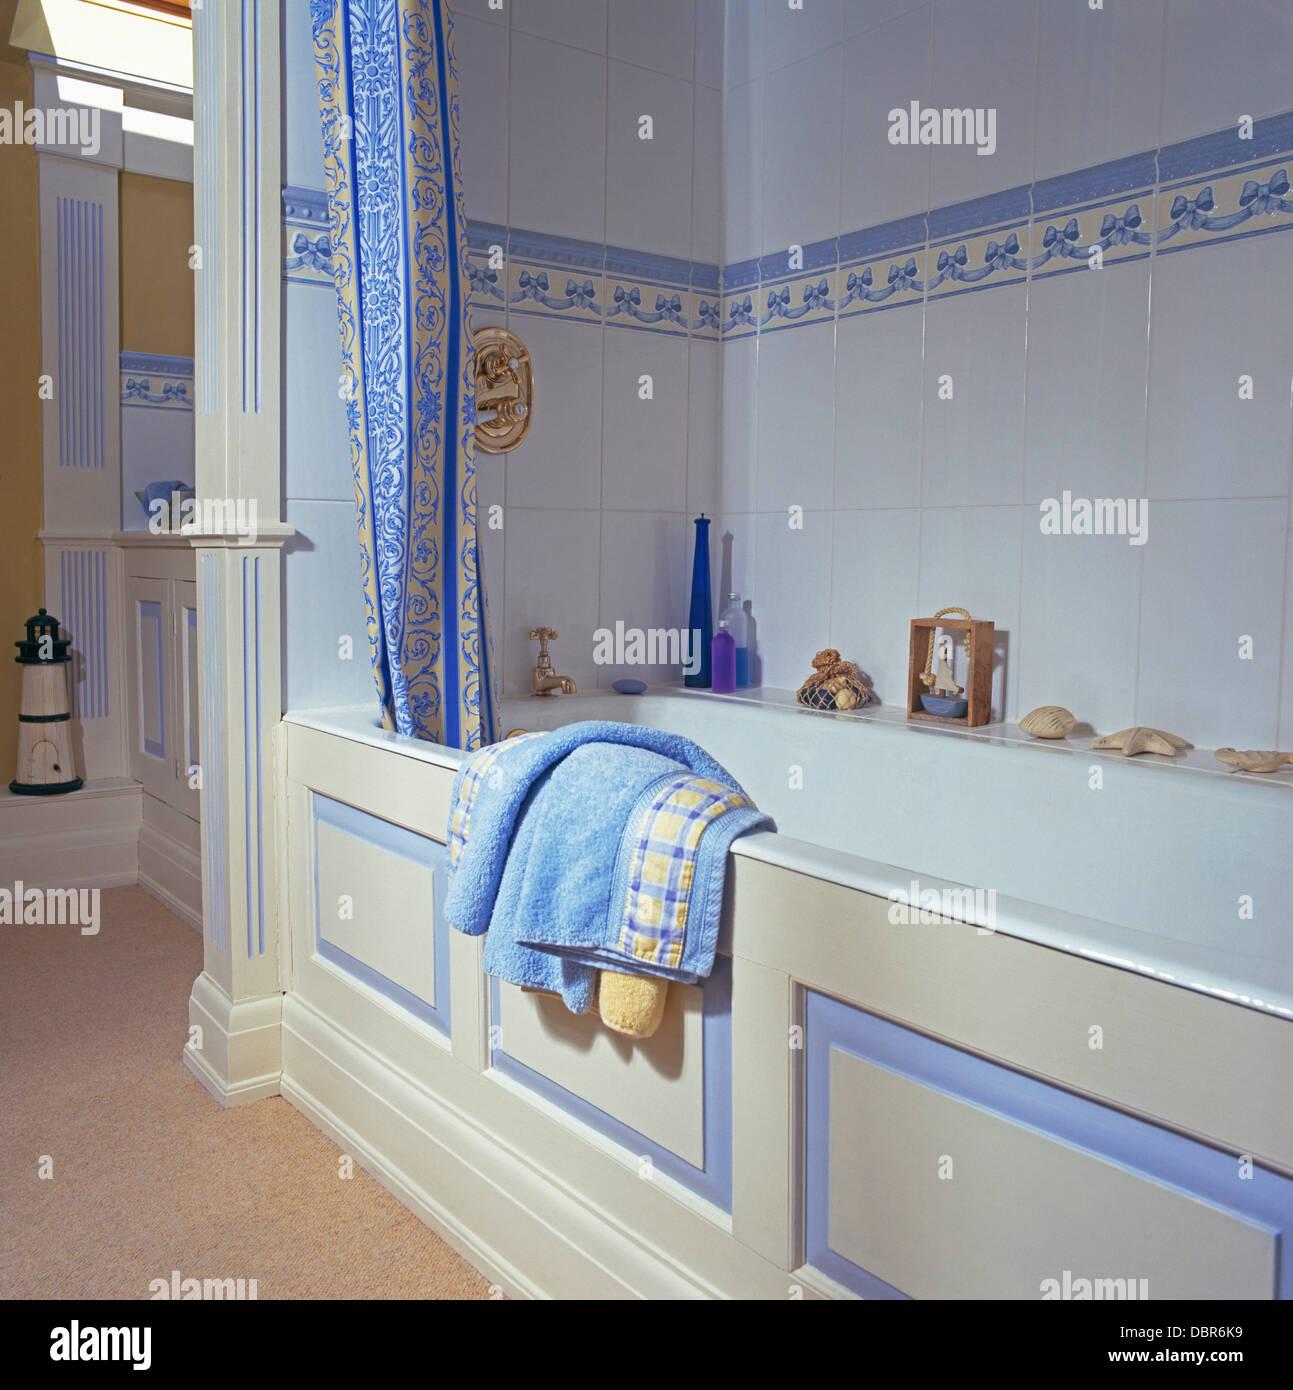 Badezimmer Fliesen Blau Modernes Badezimmer Mit Grun Weiss Und Blau